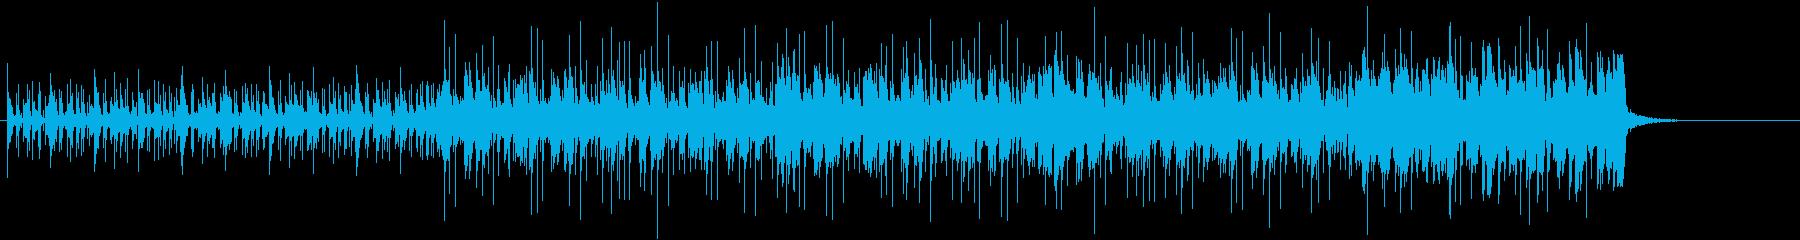 おしゃれで都会的なヒップホップ曲の再生済みの波形